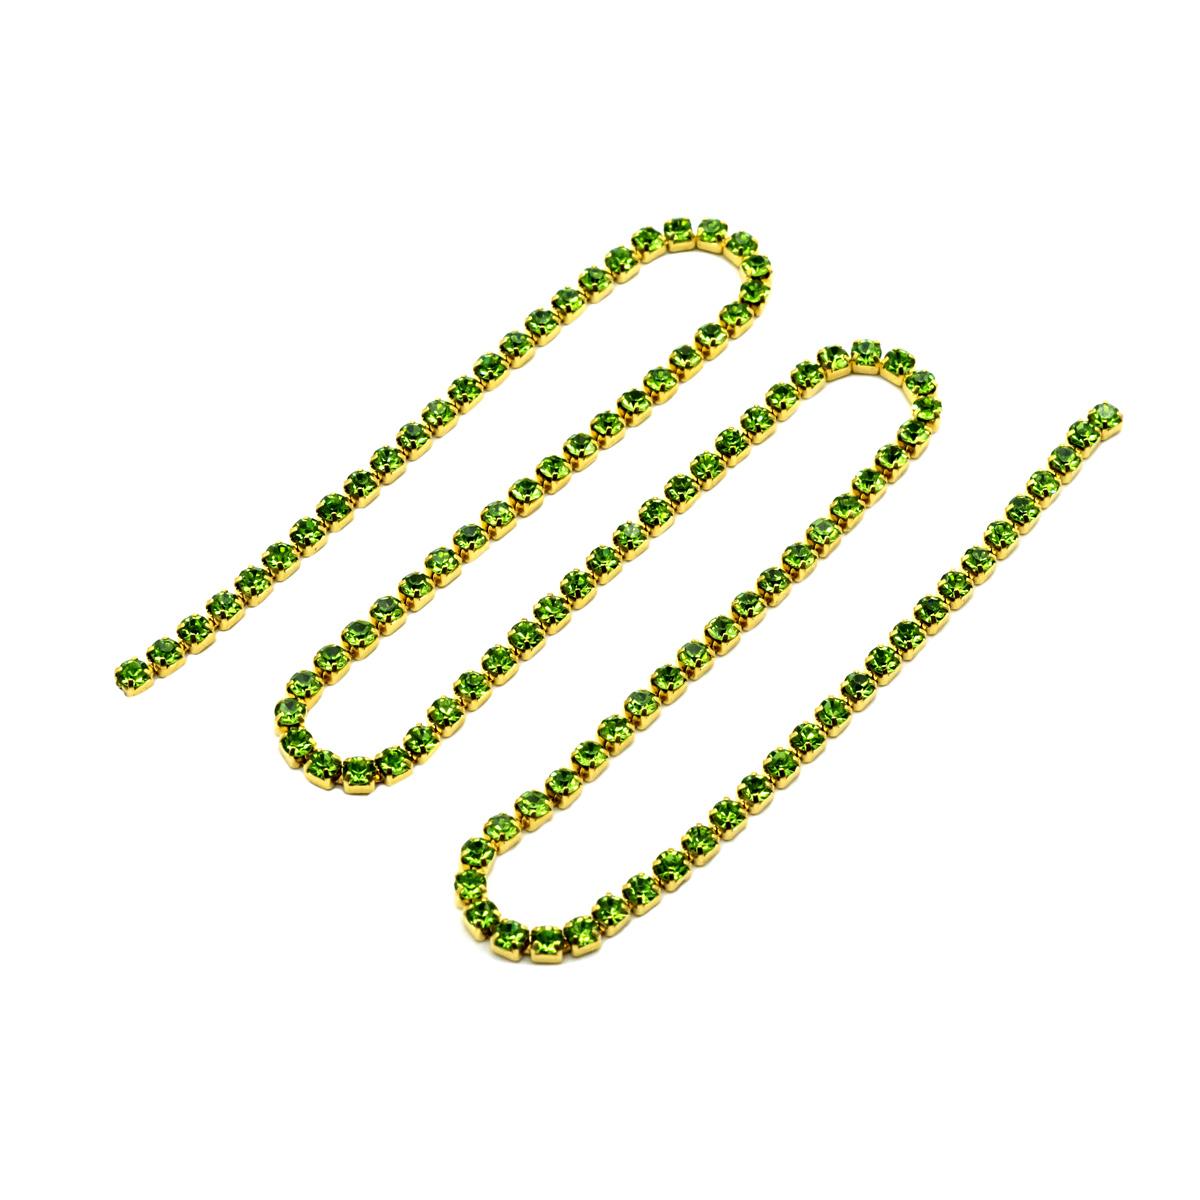 ЦС009ЗЦ2 Стразовые цепочки (золото), цвет: зеленый, размер 2 мм, 30 см/упак.